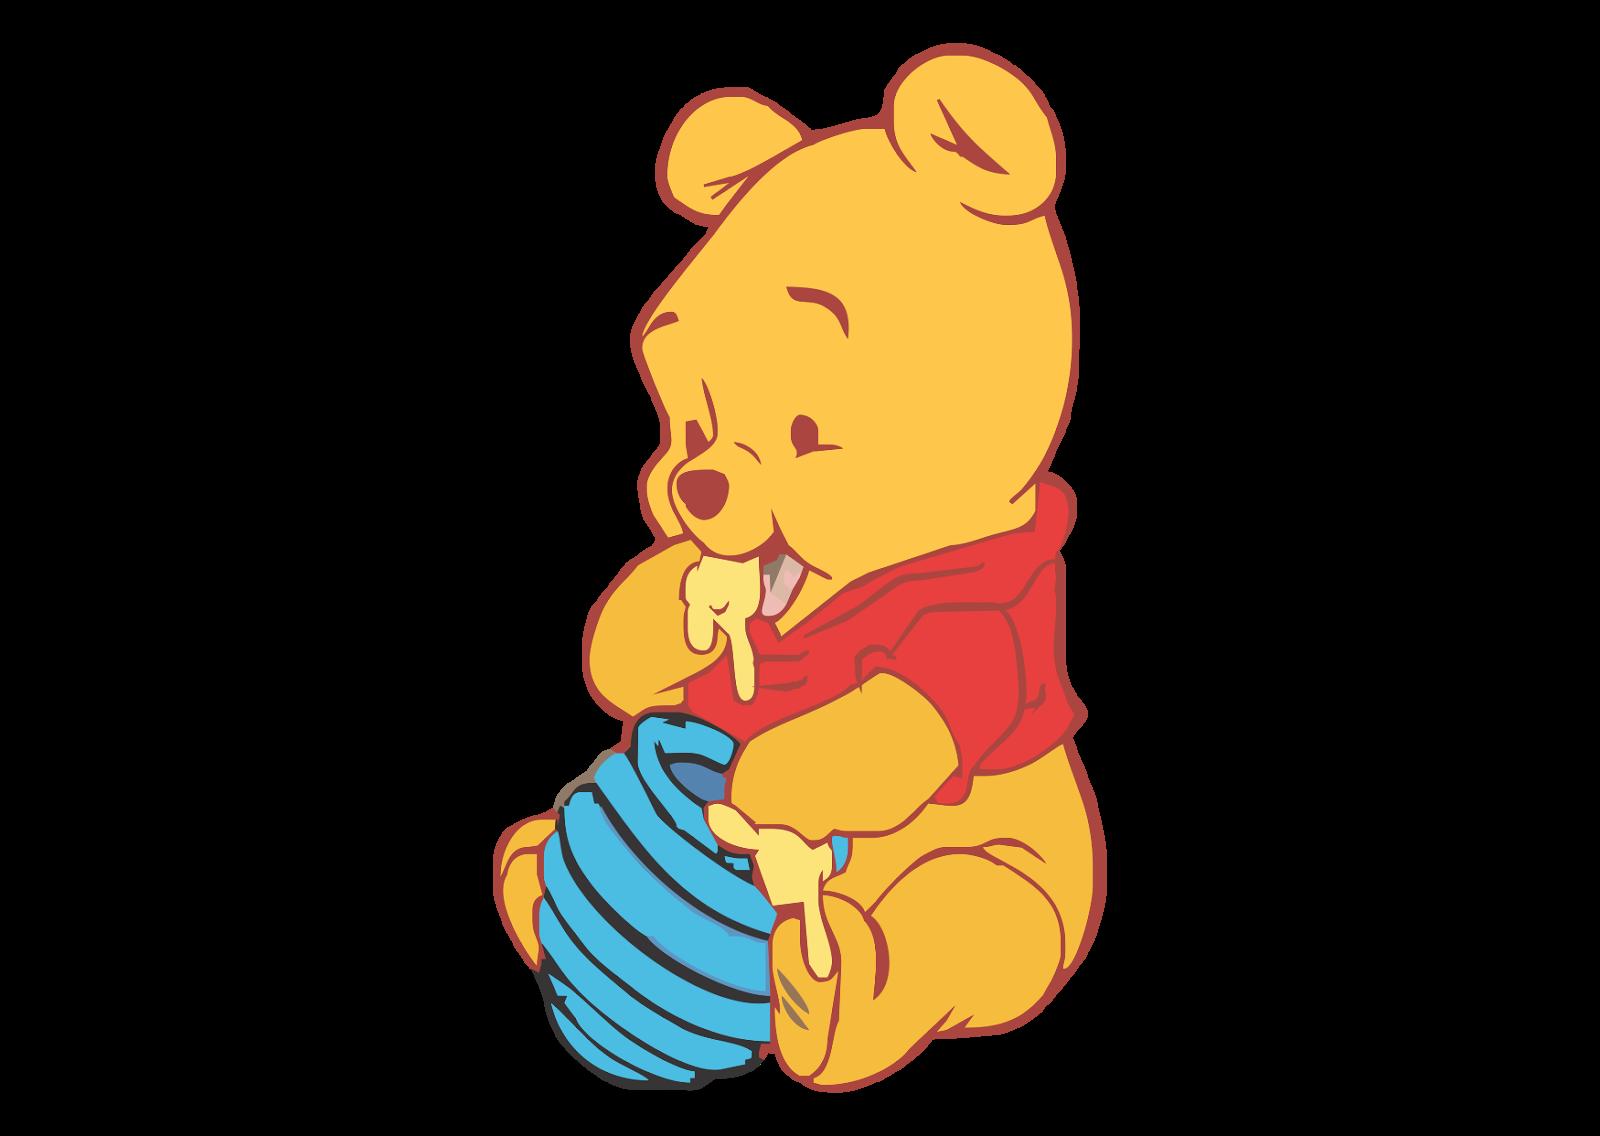 Winnie The Pooh Baby Png Image Pooh Winnie The Pooh Winnie